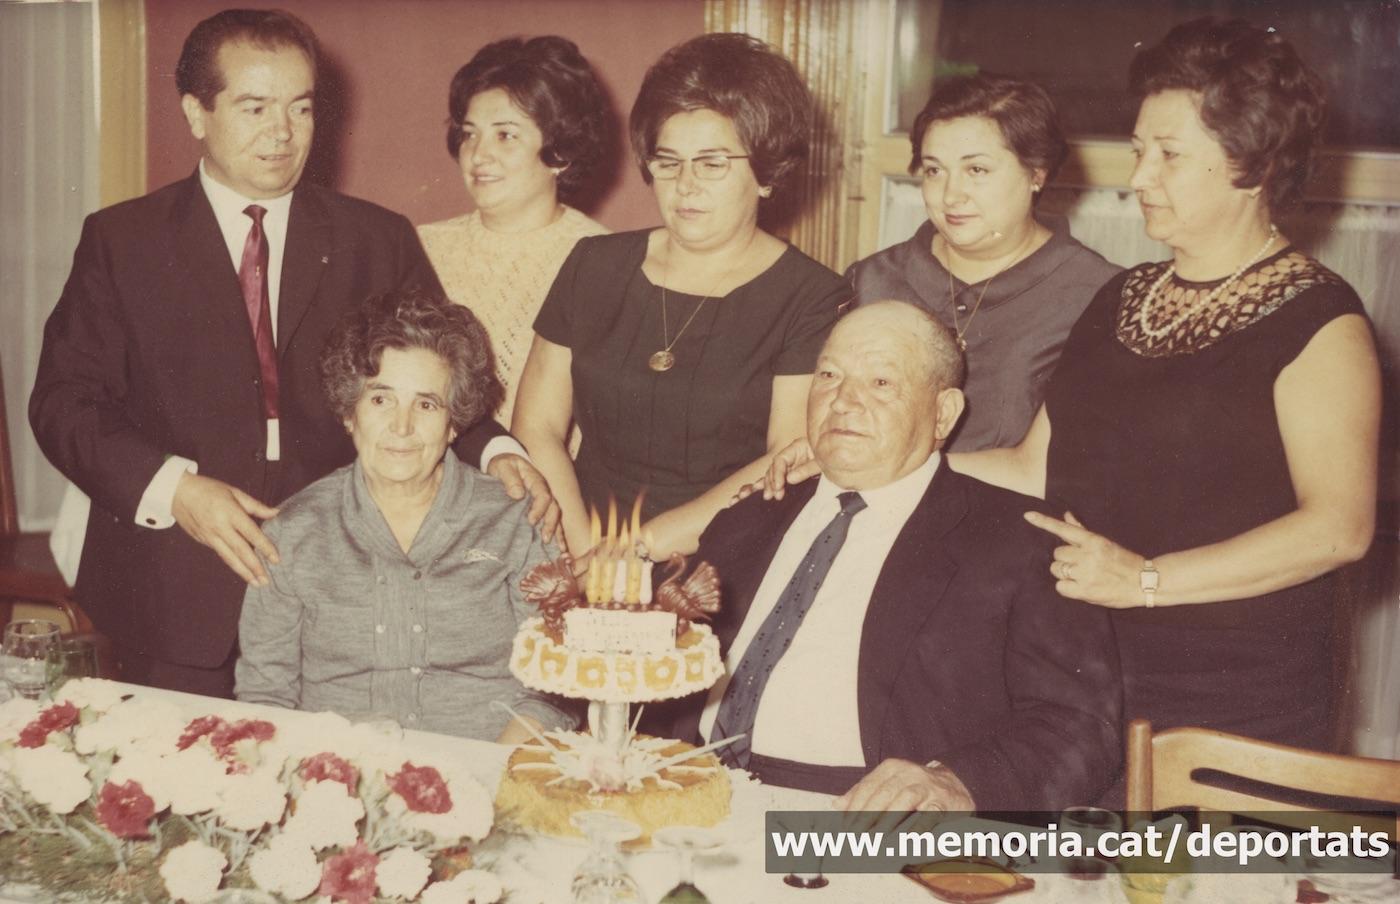 Àngel Sánchez (esquerra) i les seves quatre germanes en el 50è aniversari de casament dels seus pares. Manresa, c. 1968